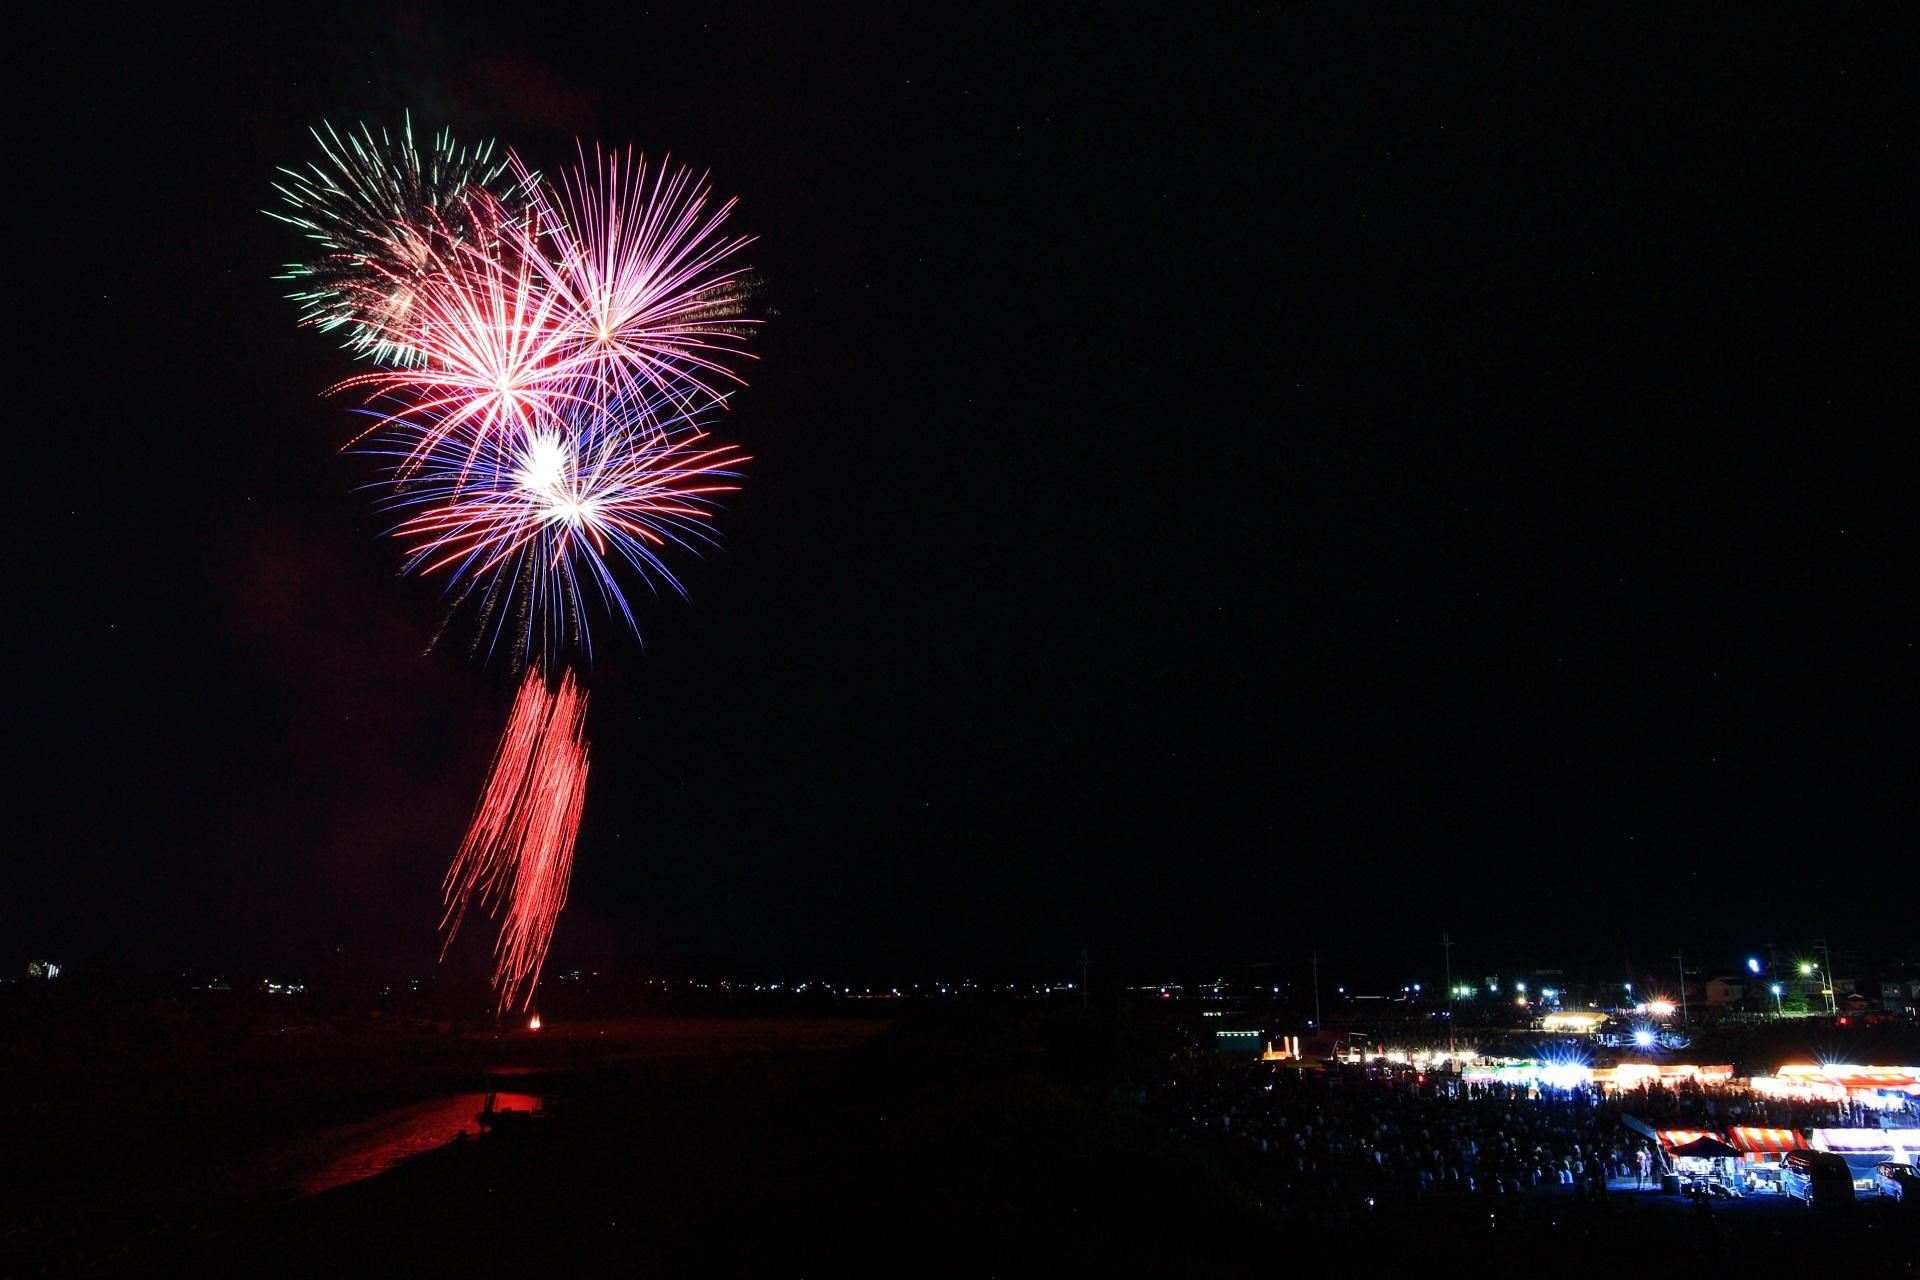 保津川を照らす亀岡花火大会の枝垂れる赤い閃光